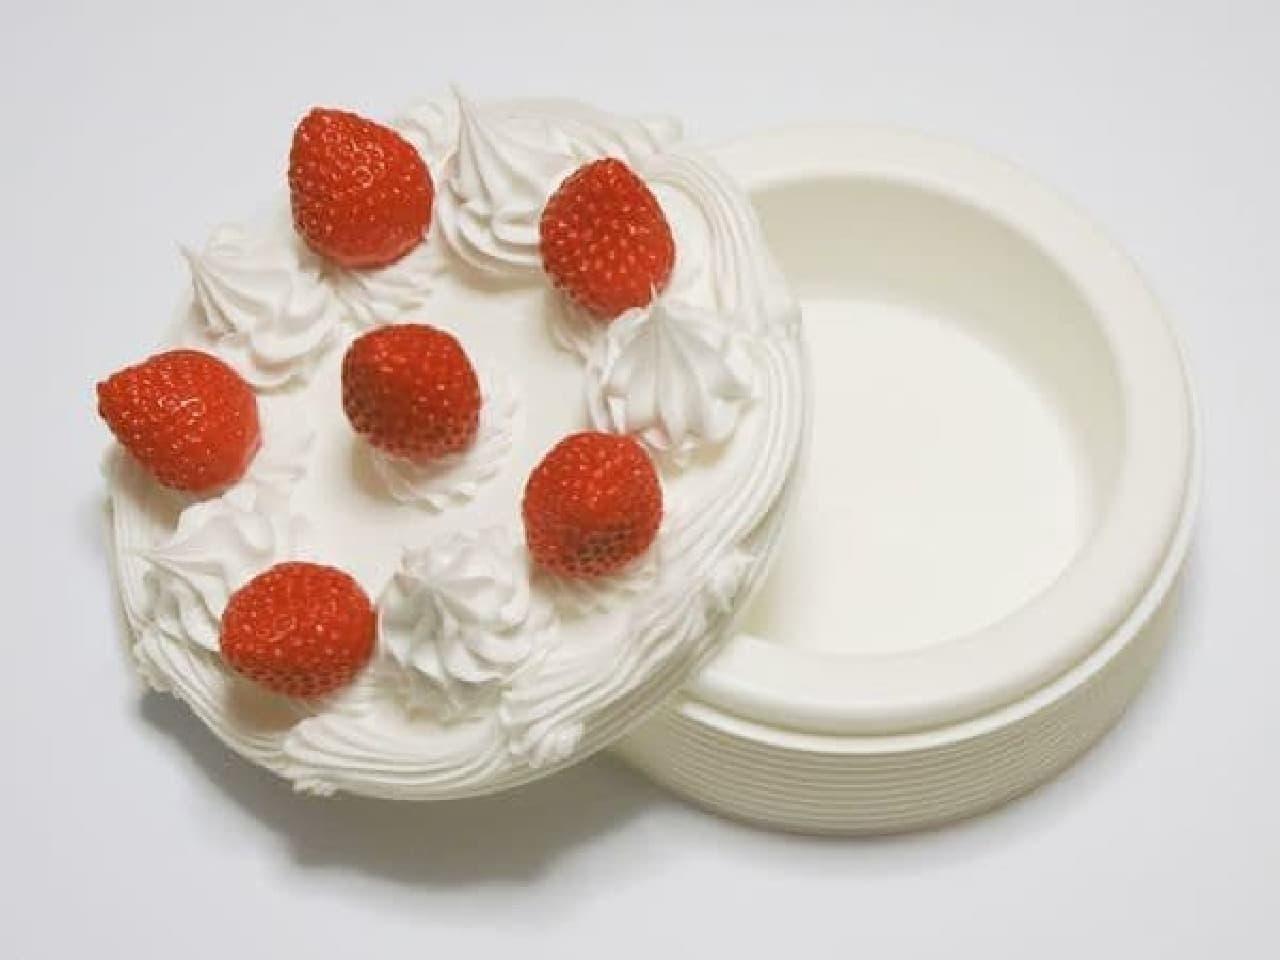 「シンプルなケーキね…」ぱかっ『結婚しよう』「…はい///」